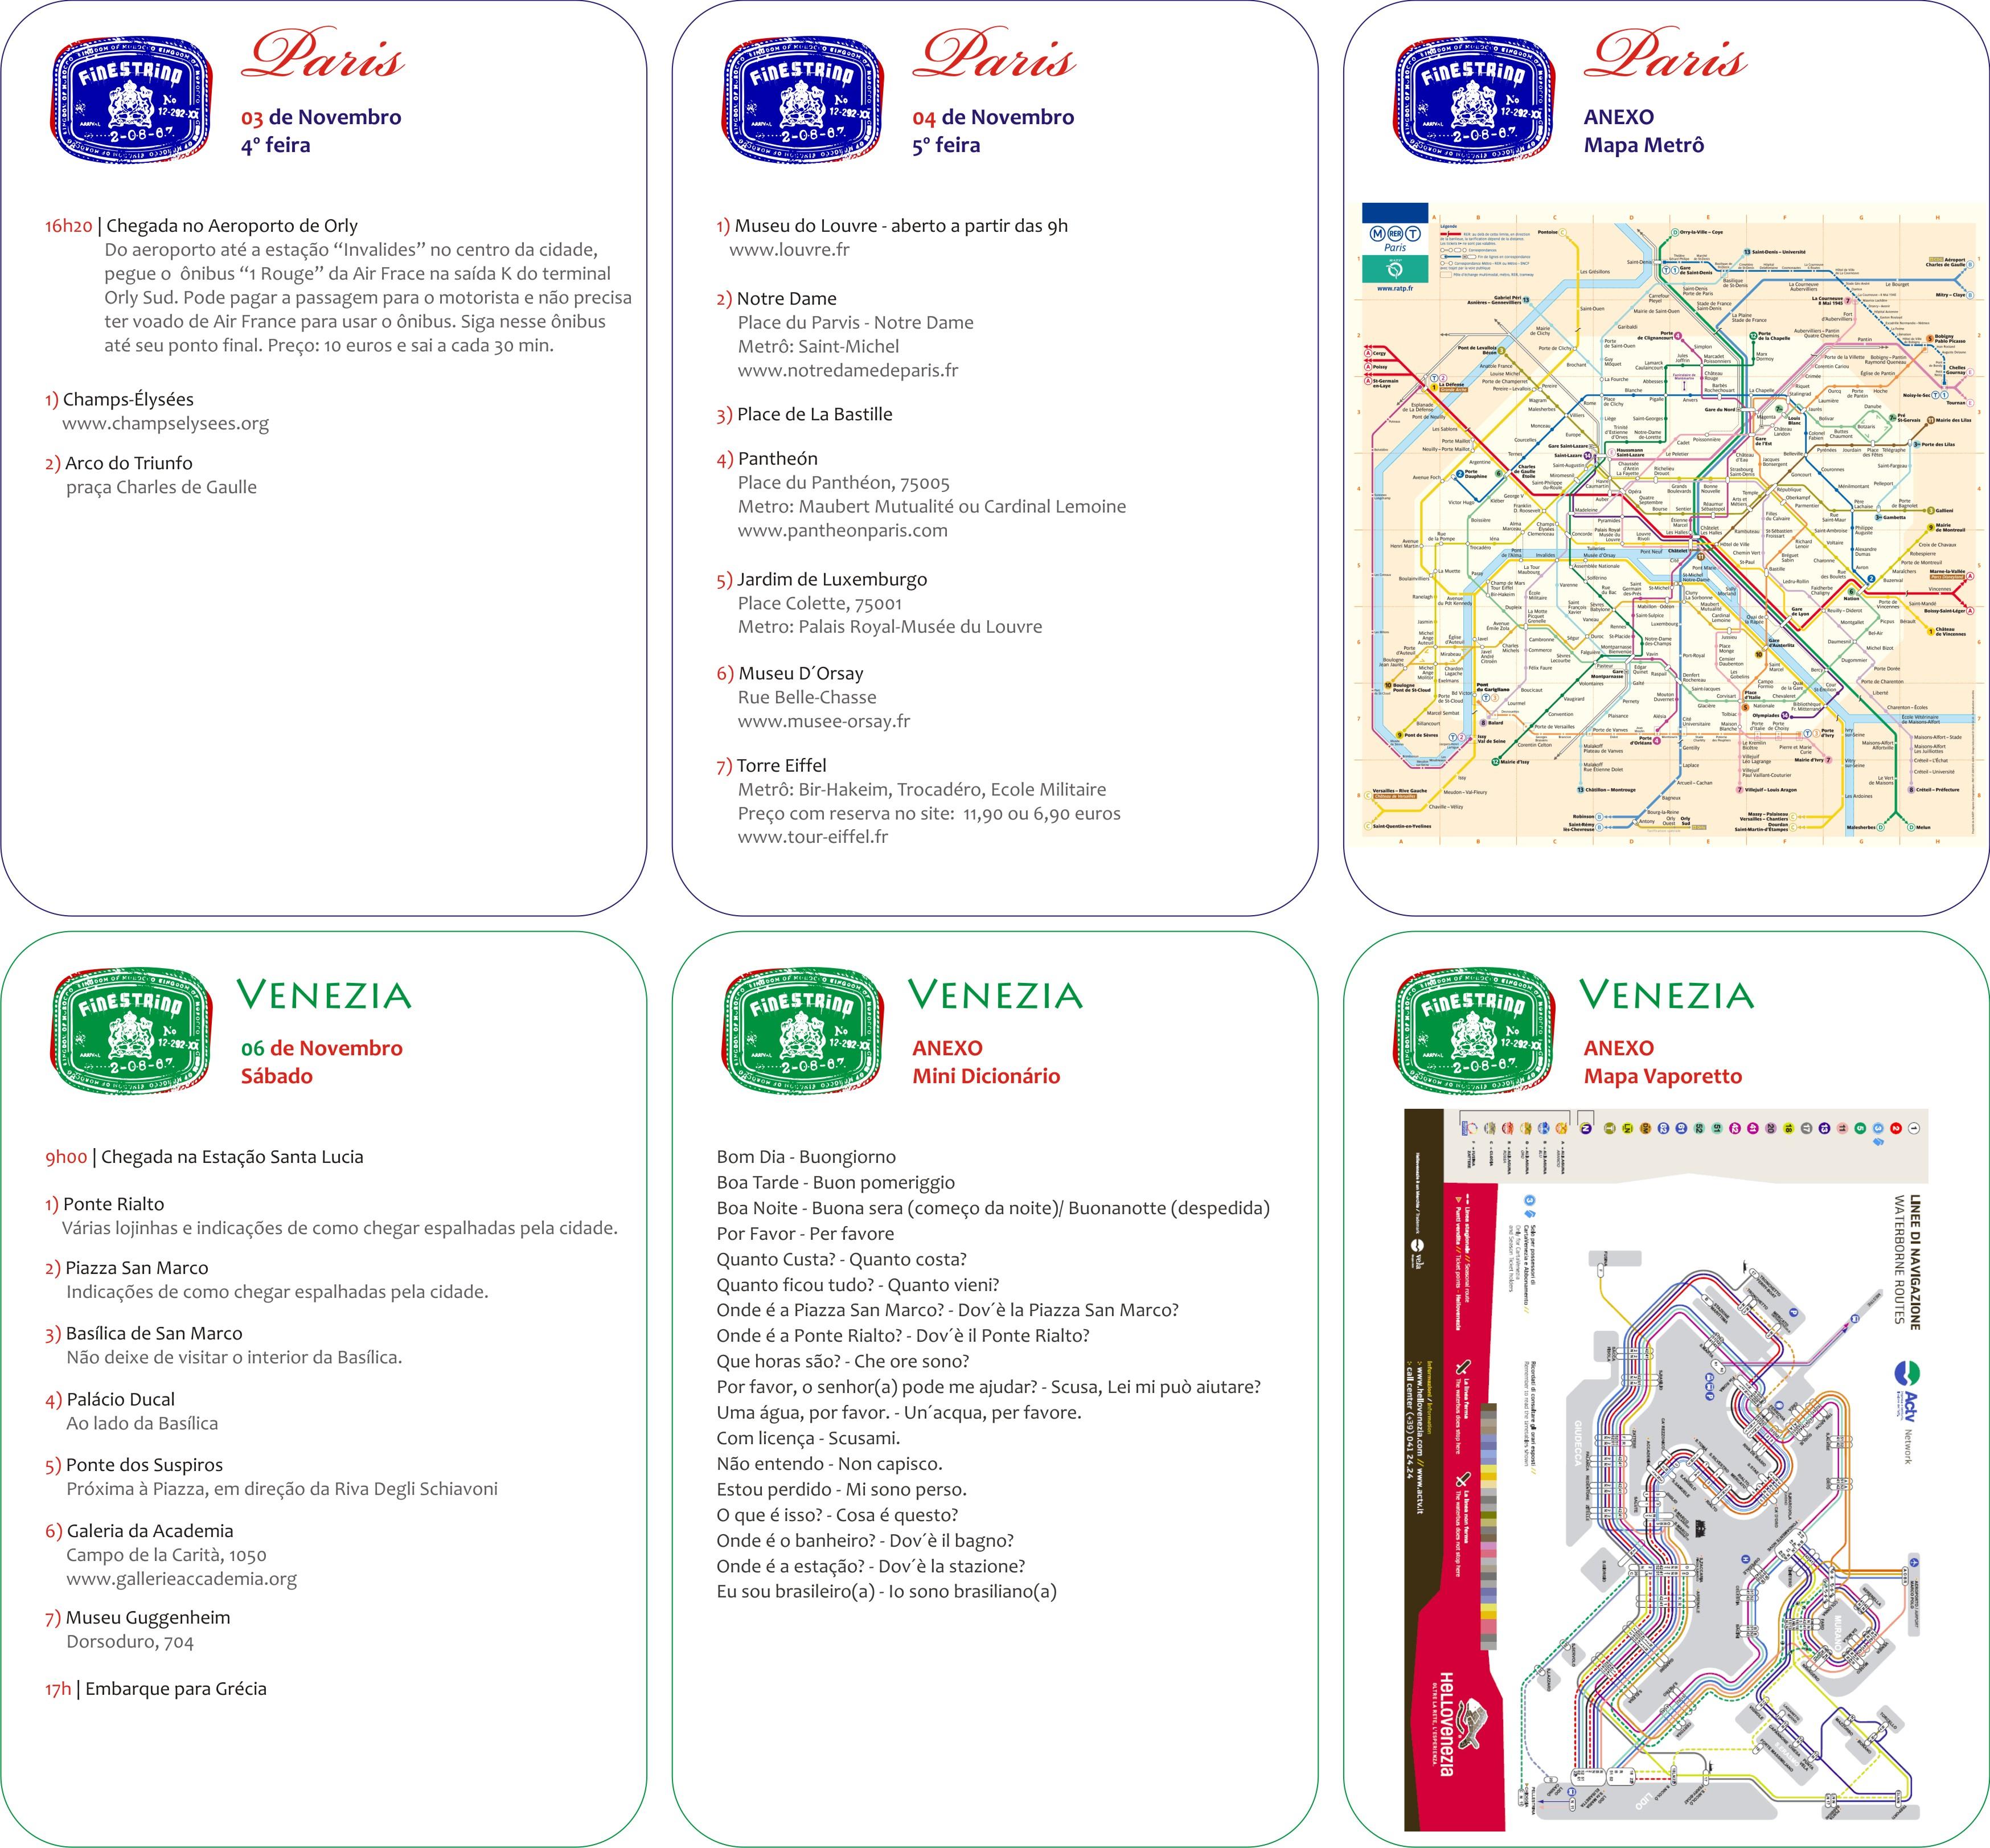 Venezia Vaporetto Mappa e de Vaporetto em Venezia